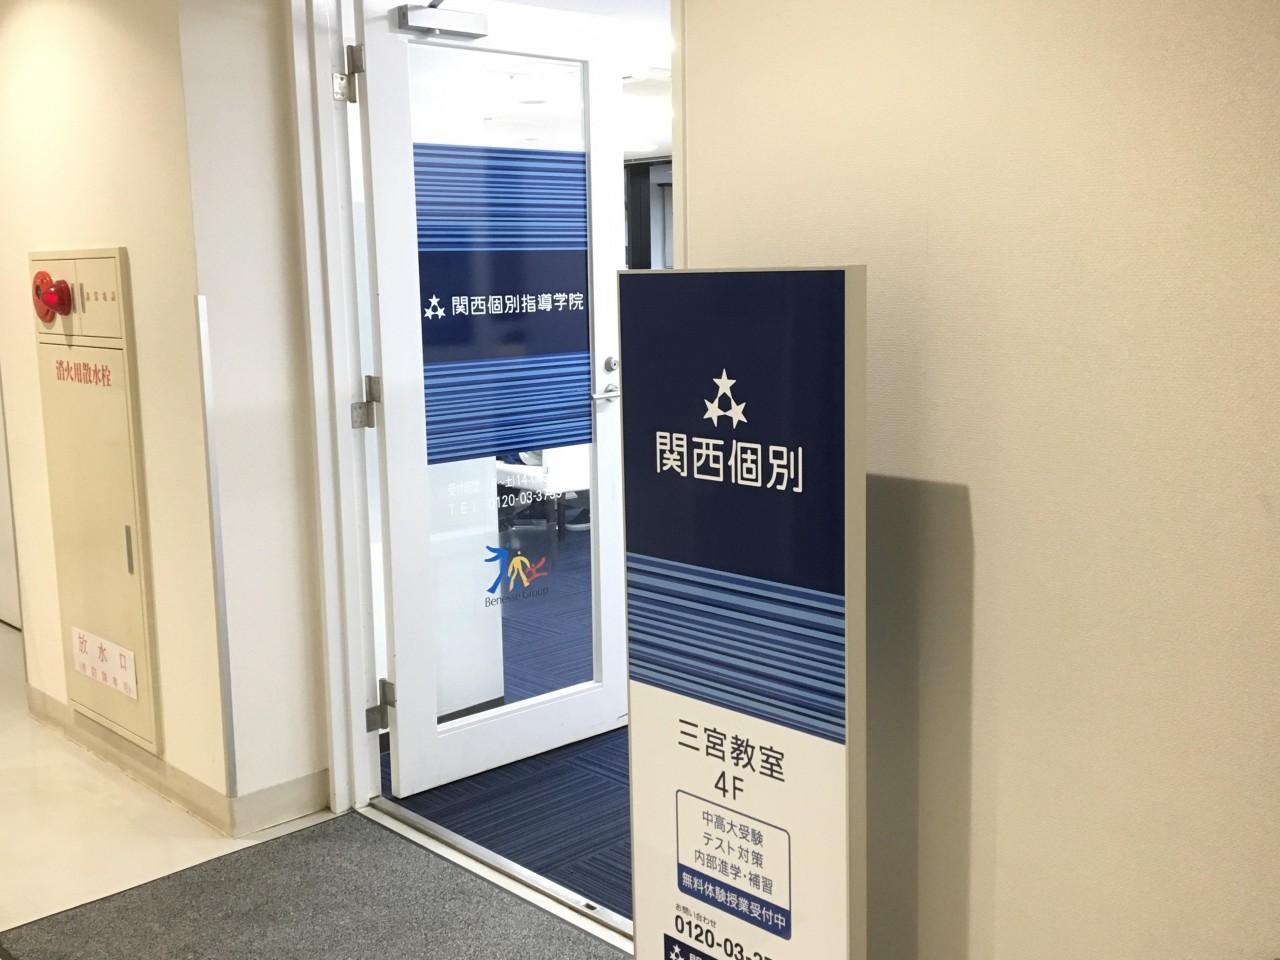 関西個別指導学院 評判 三宮 予備校 大学受験 ランキング 口コミ 三ノ宮